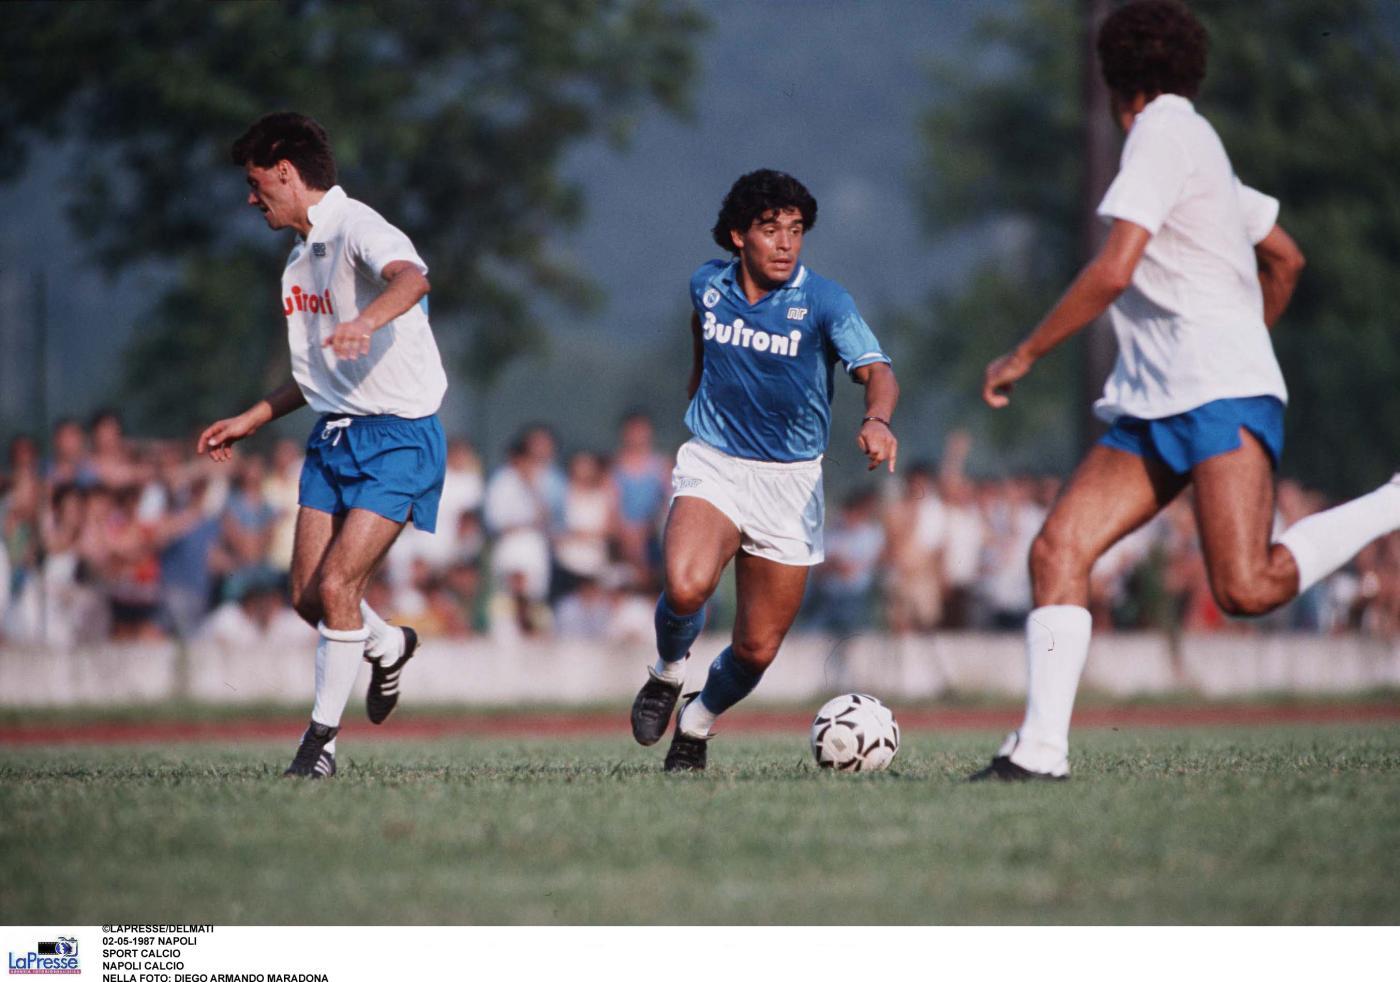 27 anni fa Diego Armando Maradona sbarcò a Napoli  ecco il primo abbraccio  col San Paolo df0af9bfb251f